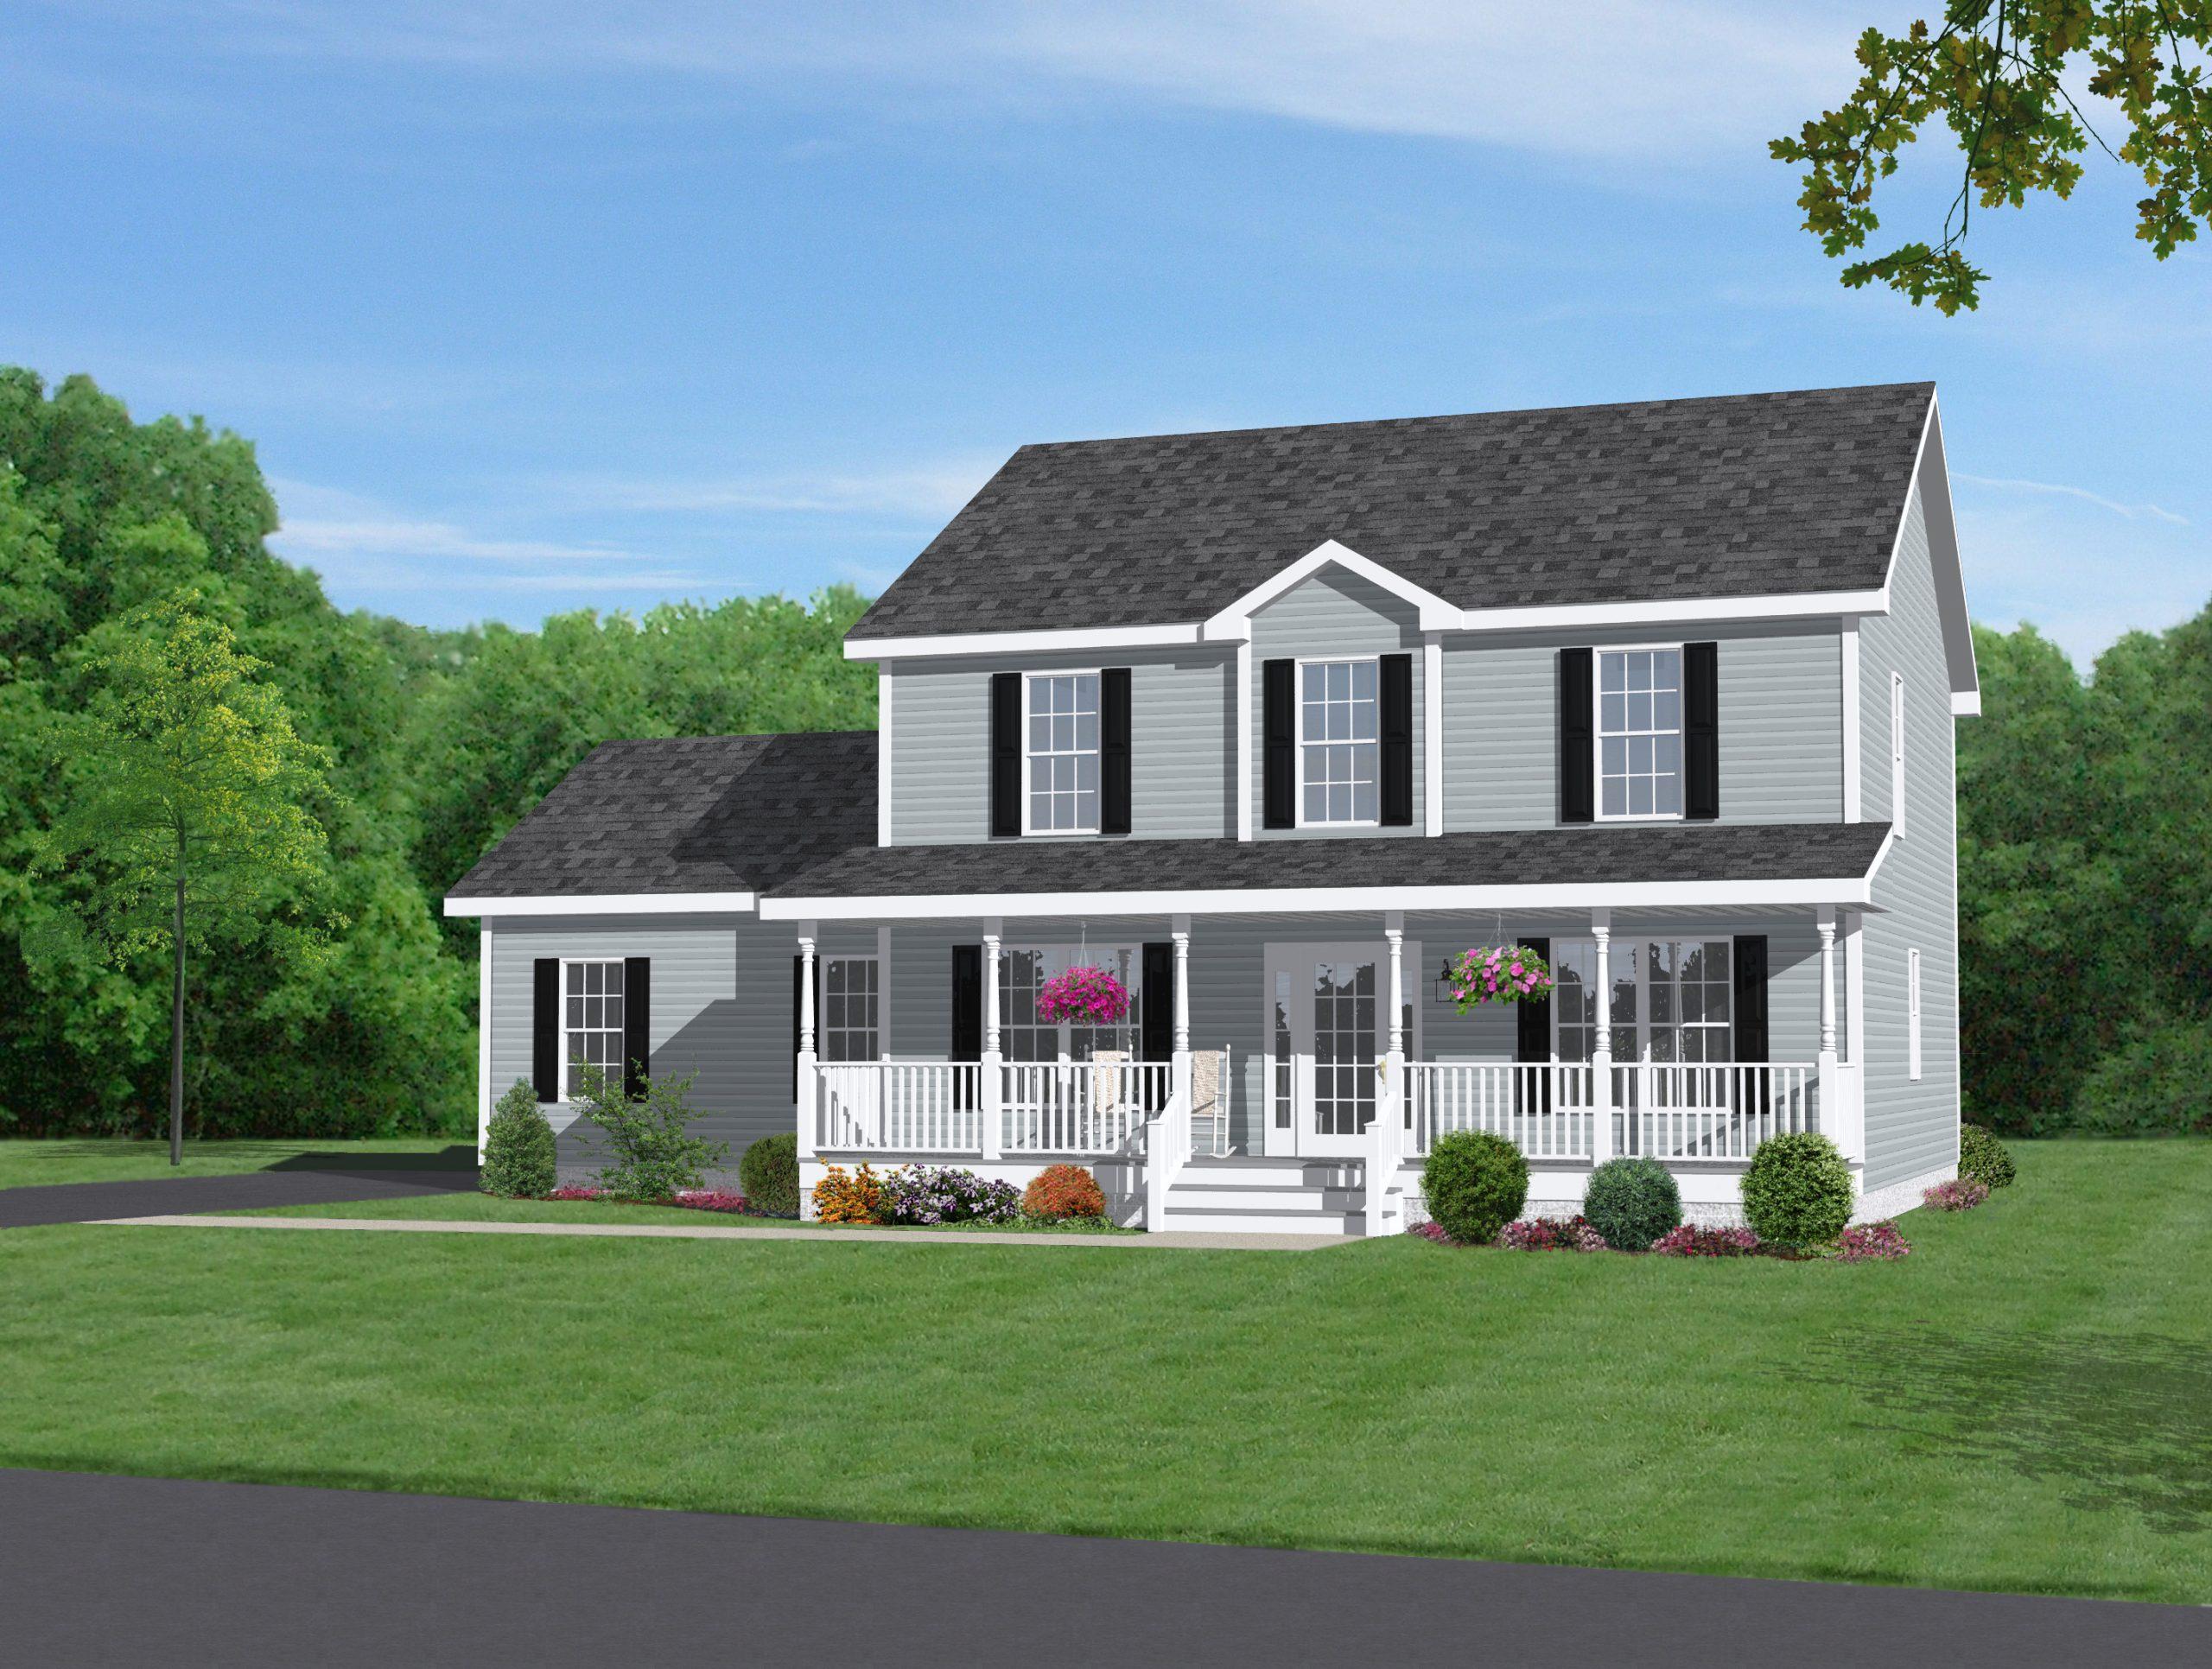 xây nhà 2 tầng nông thôn hiện đại